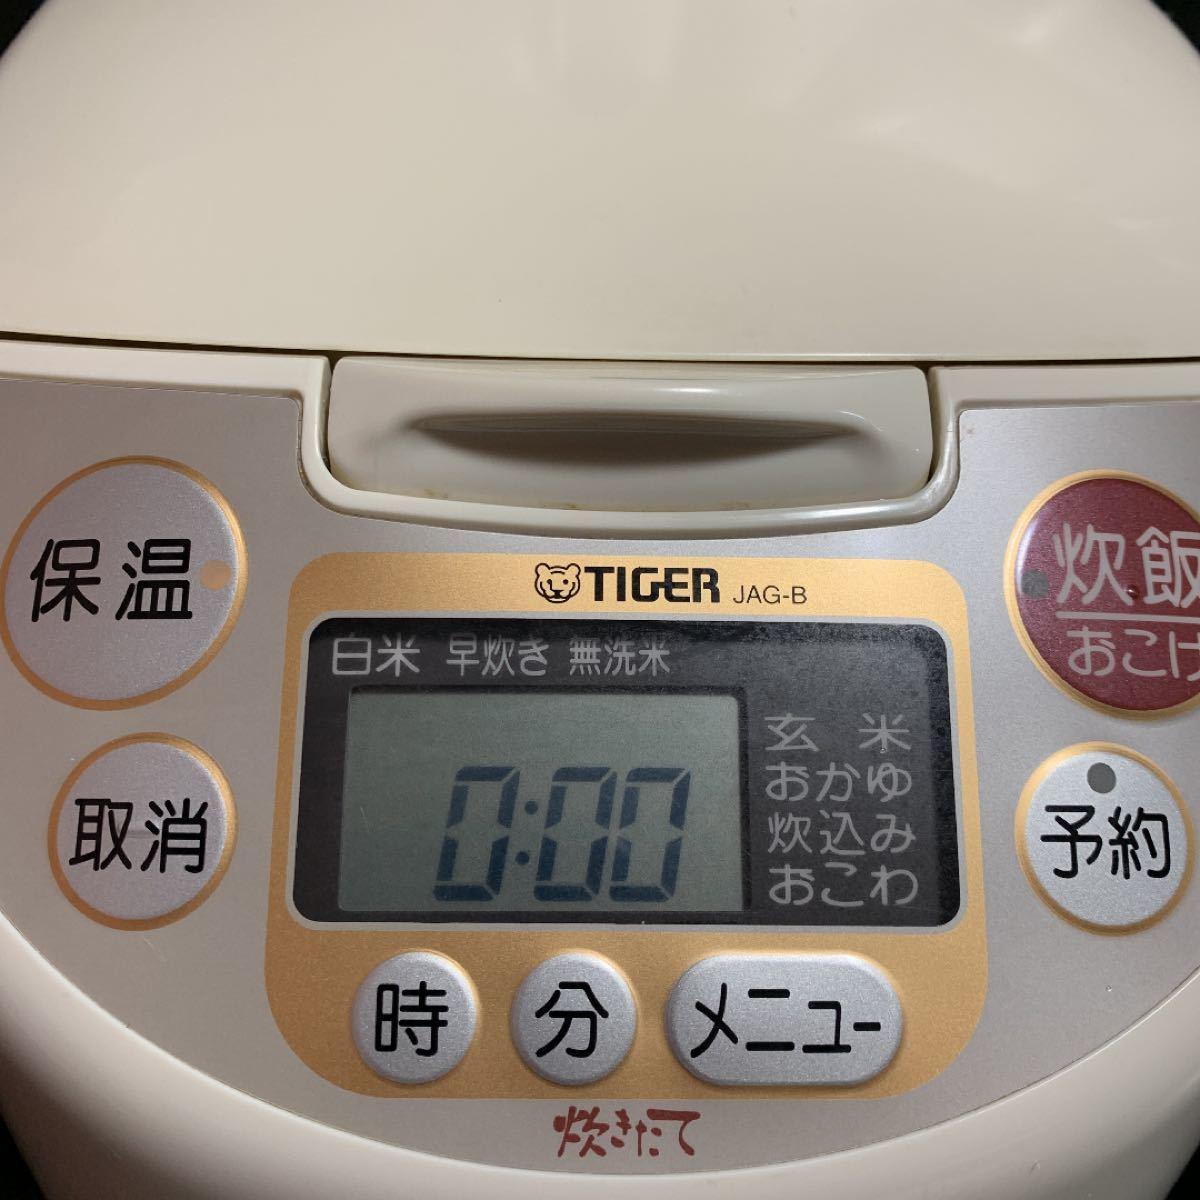 炊飯器 タイガーマイコン炊飯ジャー 一人暮らし 自炊 おうち時間 TIGER タイガーマイコン炊飯ジャー IH炊飯ジャー